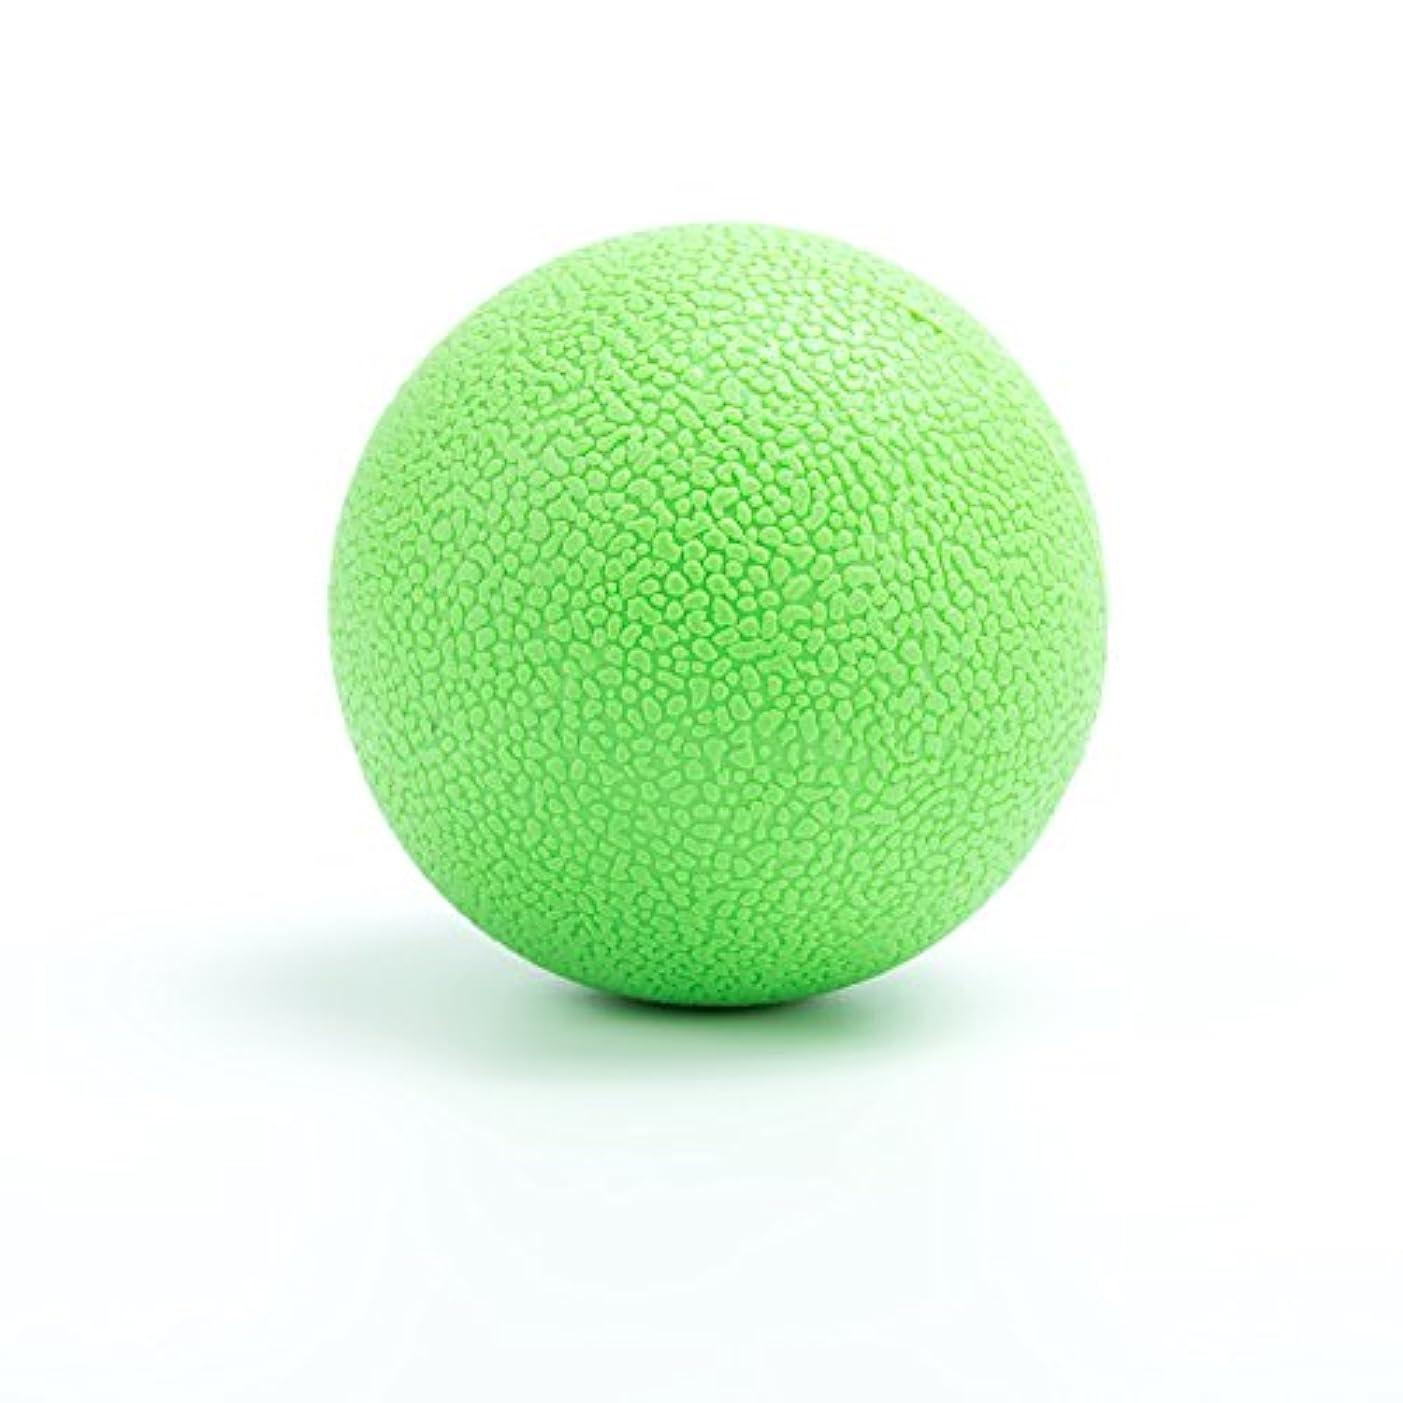 大気ステップ悔い改めMassage Ball マッサージボール 筋膜リリース Yoga Lacrosse Ball 背中 肩こり 腰 ふくらはぎ 足裏 ツボ押しグッズ